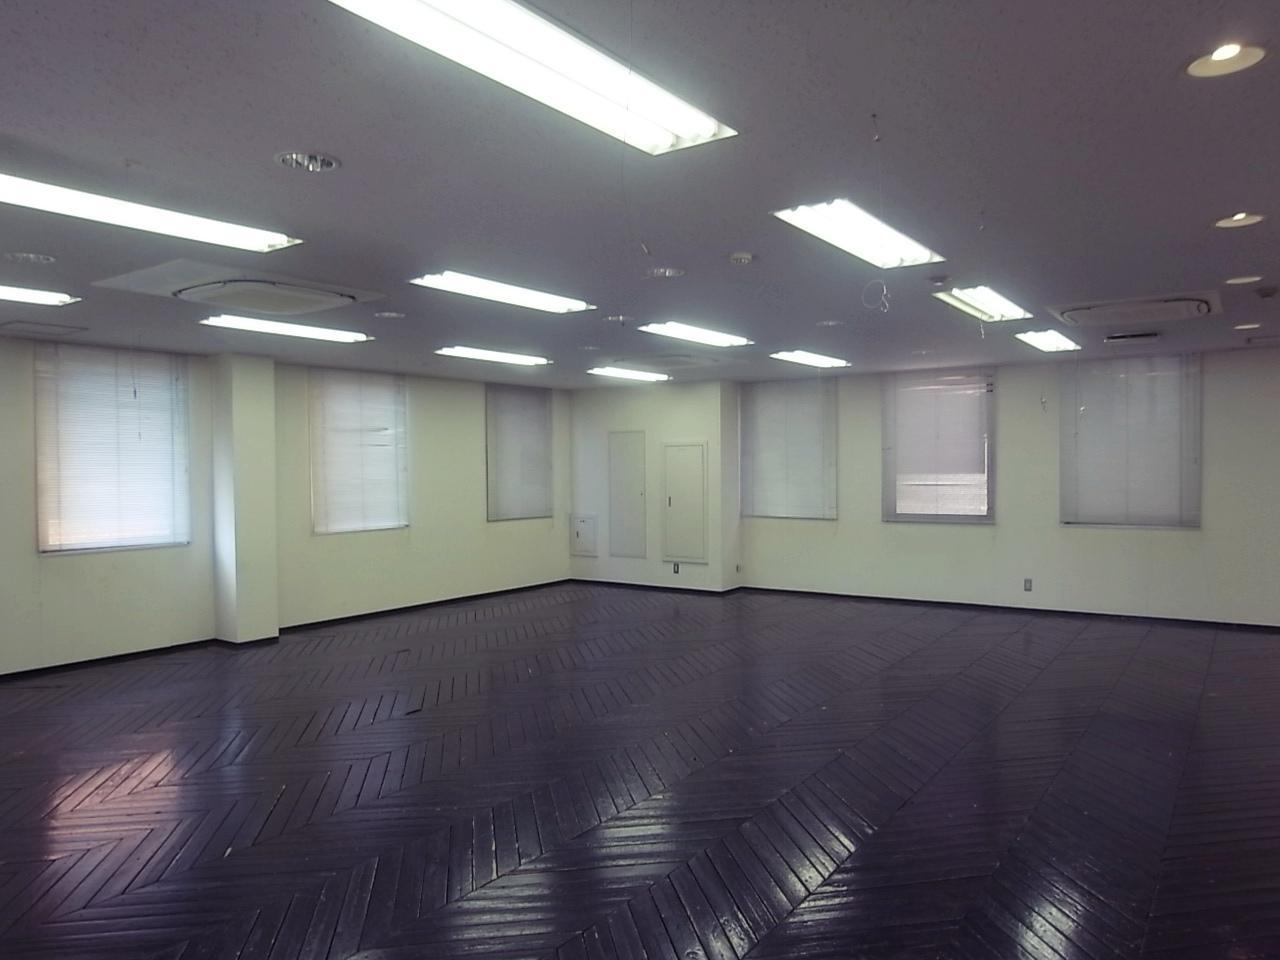 5Fは元スタジオだとか。床の木の草臥れ感がちょうどいい塩梅。4